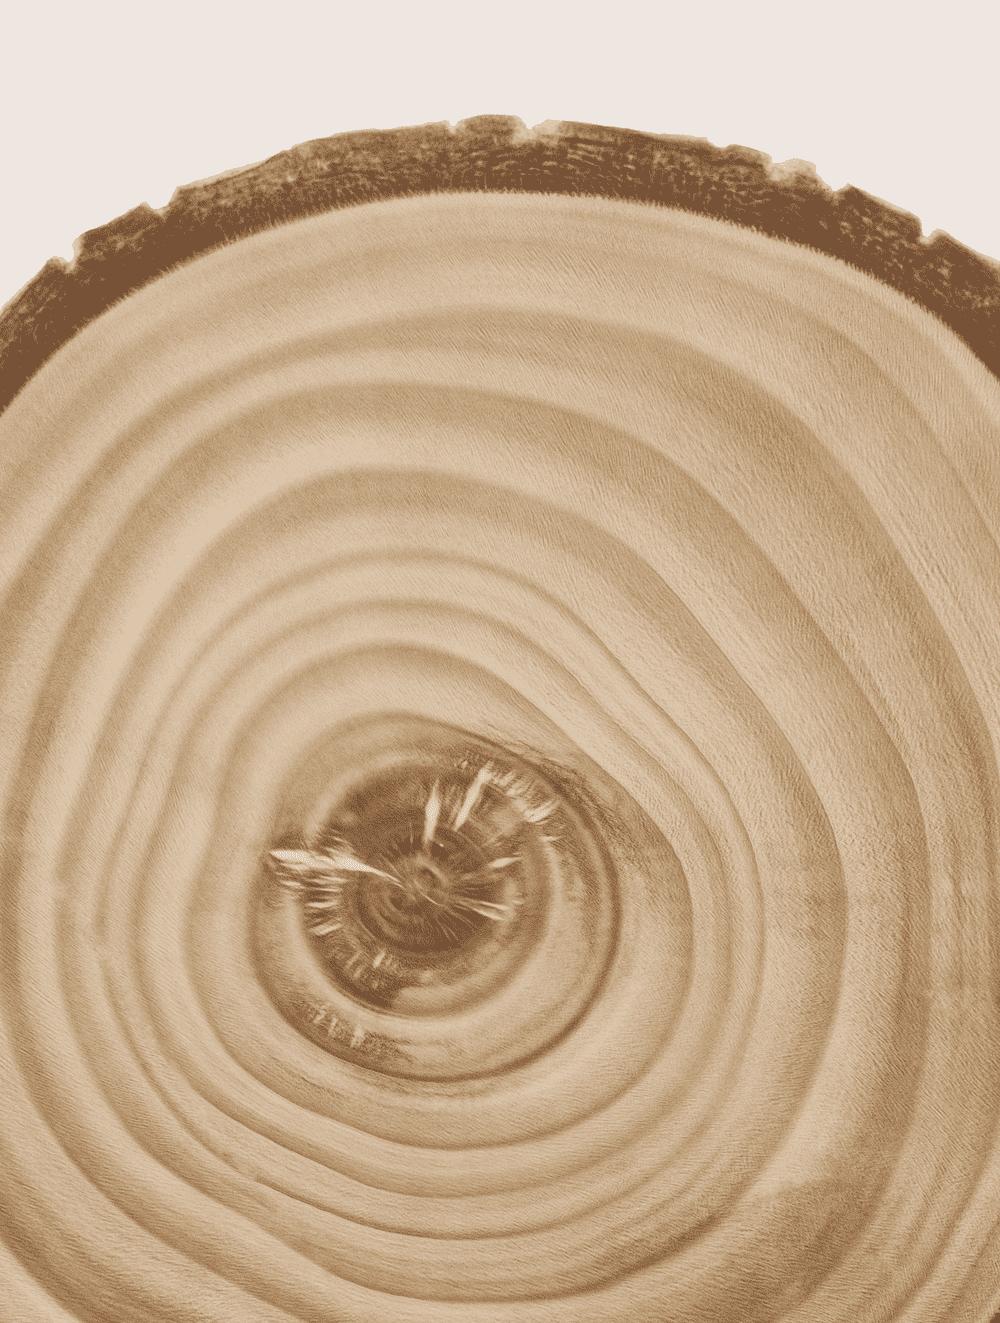 Aspen Bark Extract